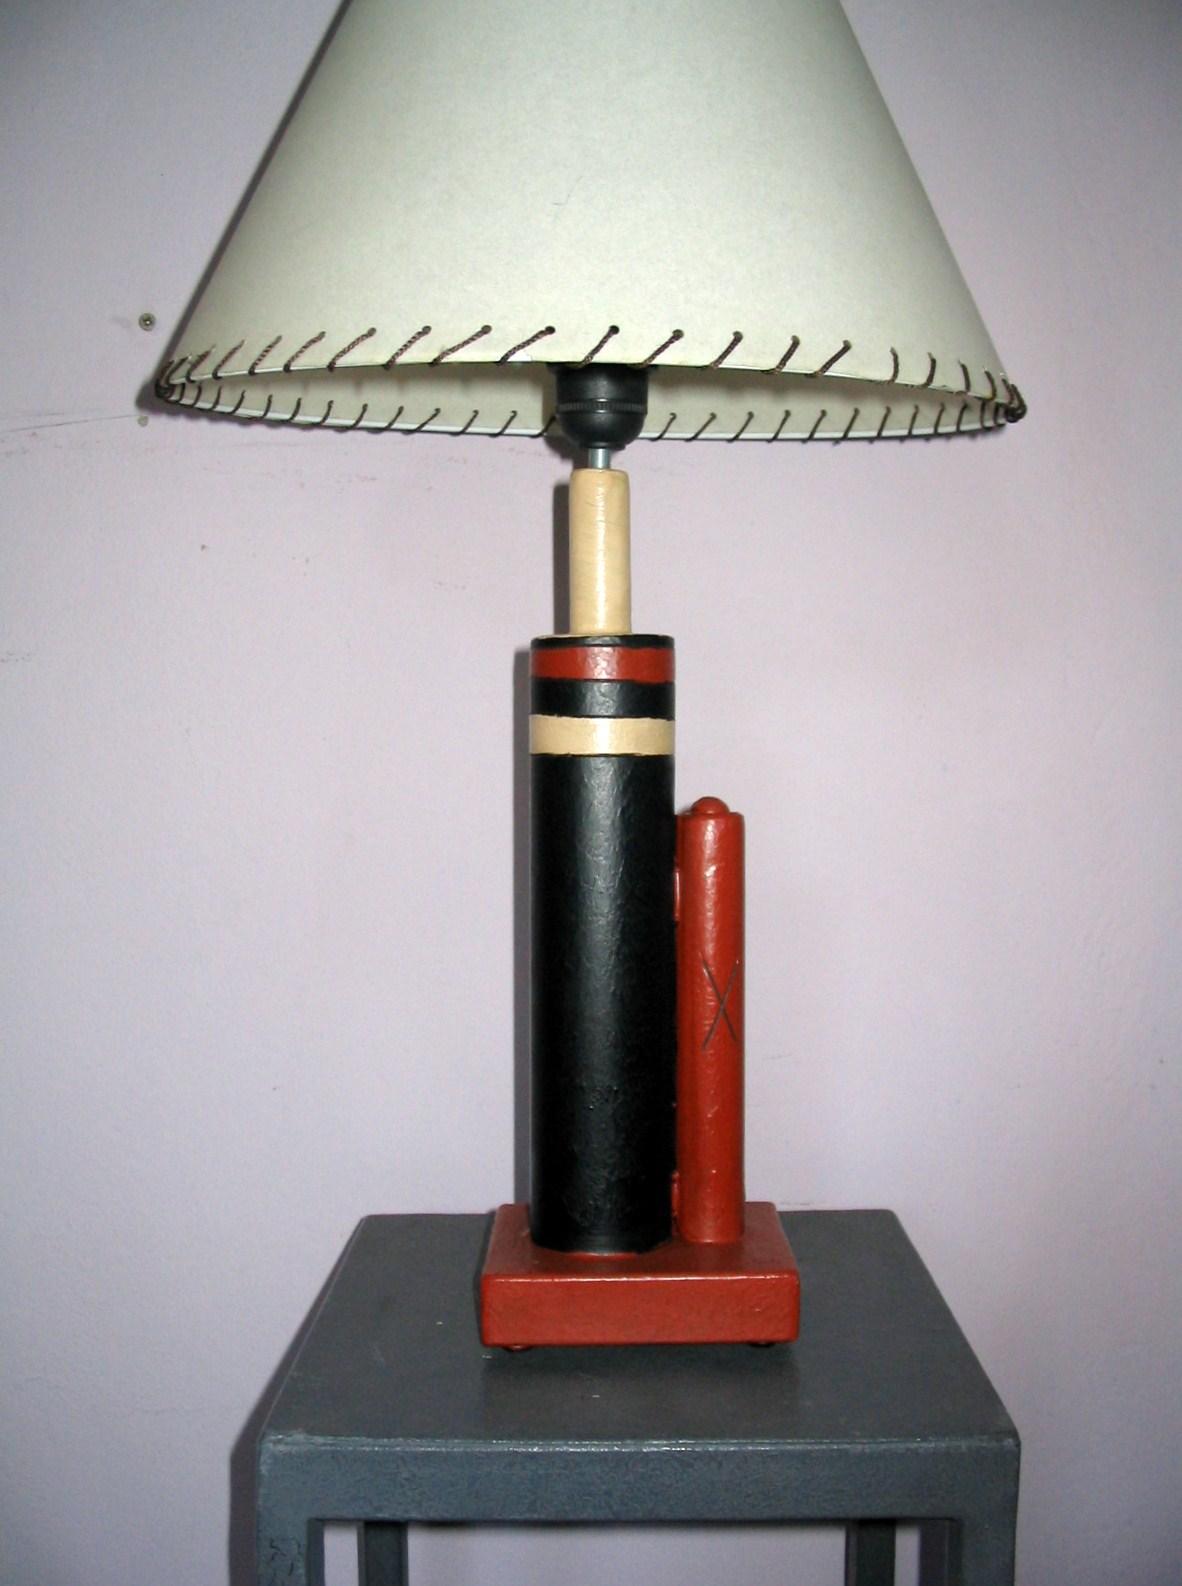 [lamparas+nuevas+y+escalera+manolo+diaz+010.jpg]